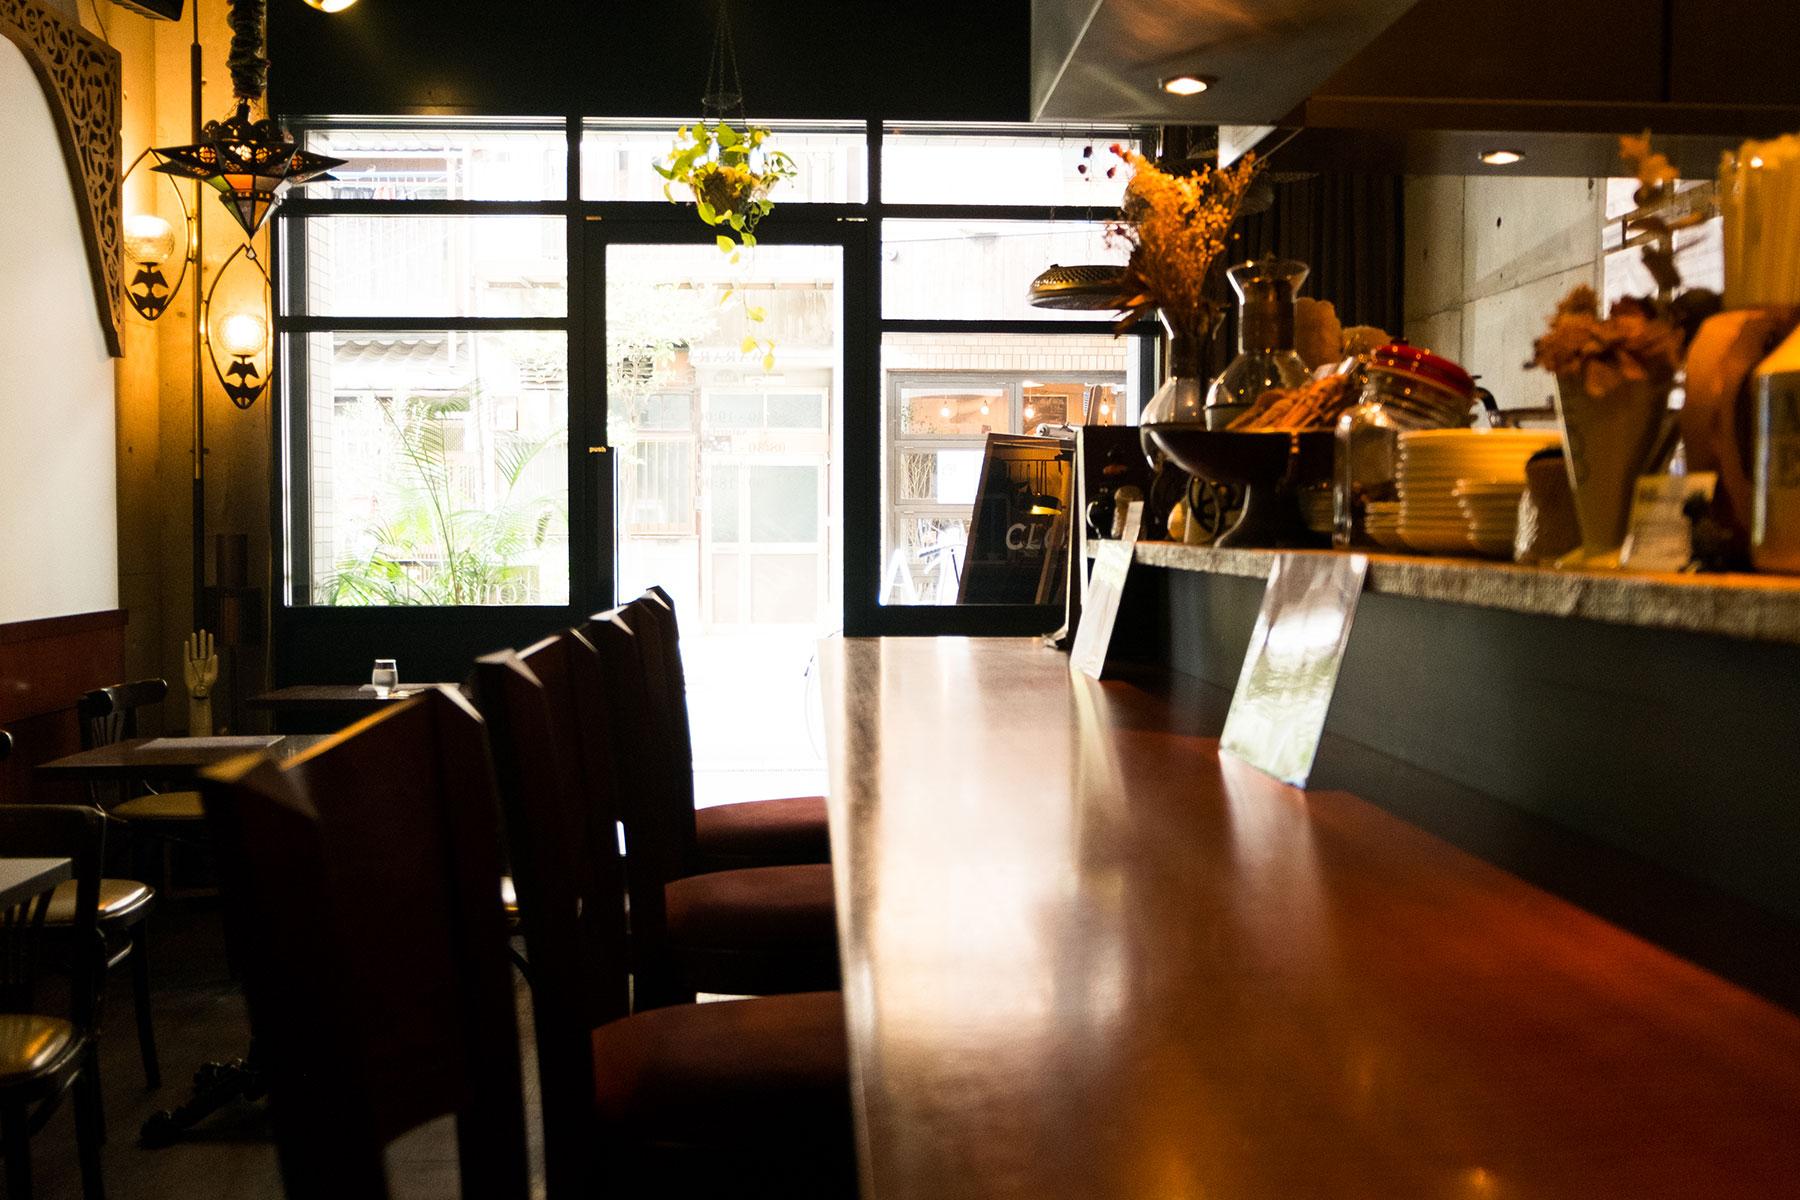 カレーが美味いカフェ&コーヒースタンド coffee shop WARARA コーヒーショップ ワララ